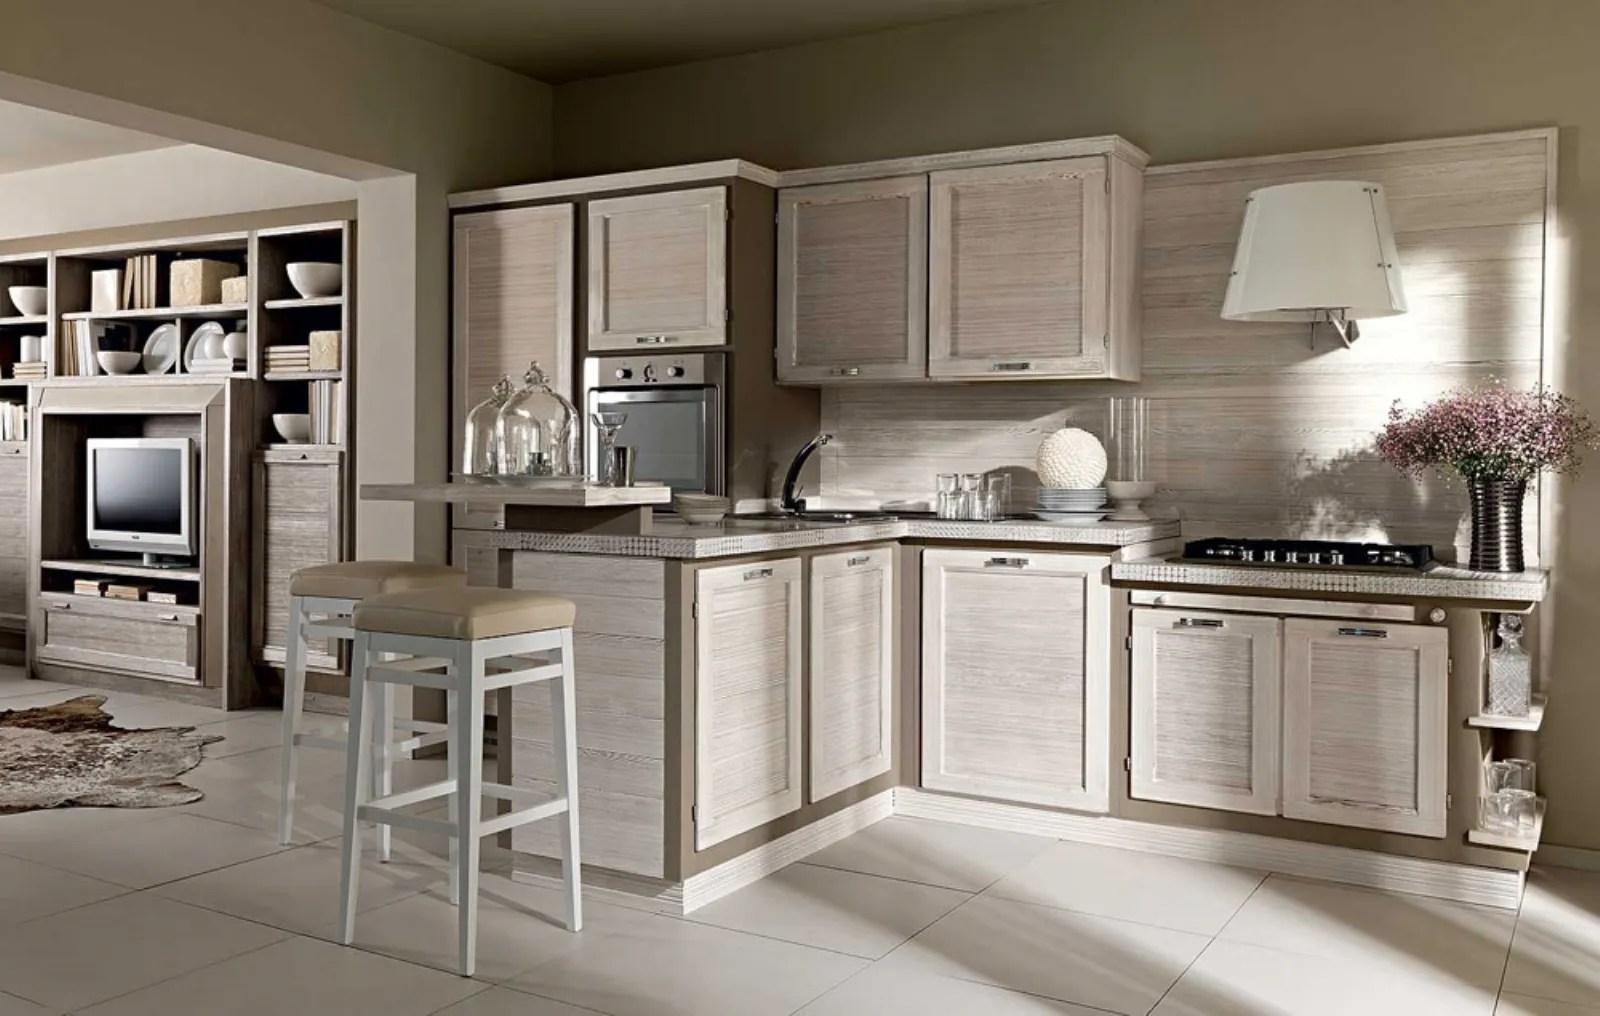 Come scegliere le cucine in muratura moderne  Cucine